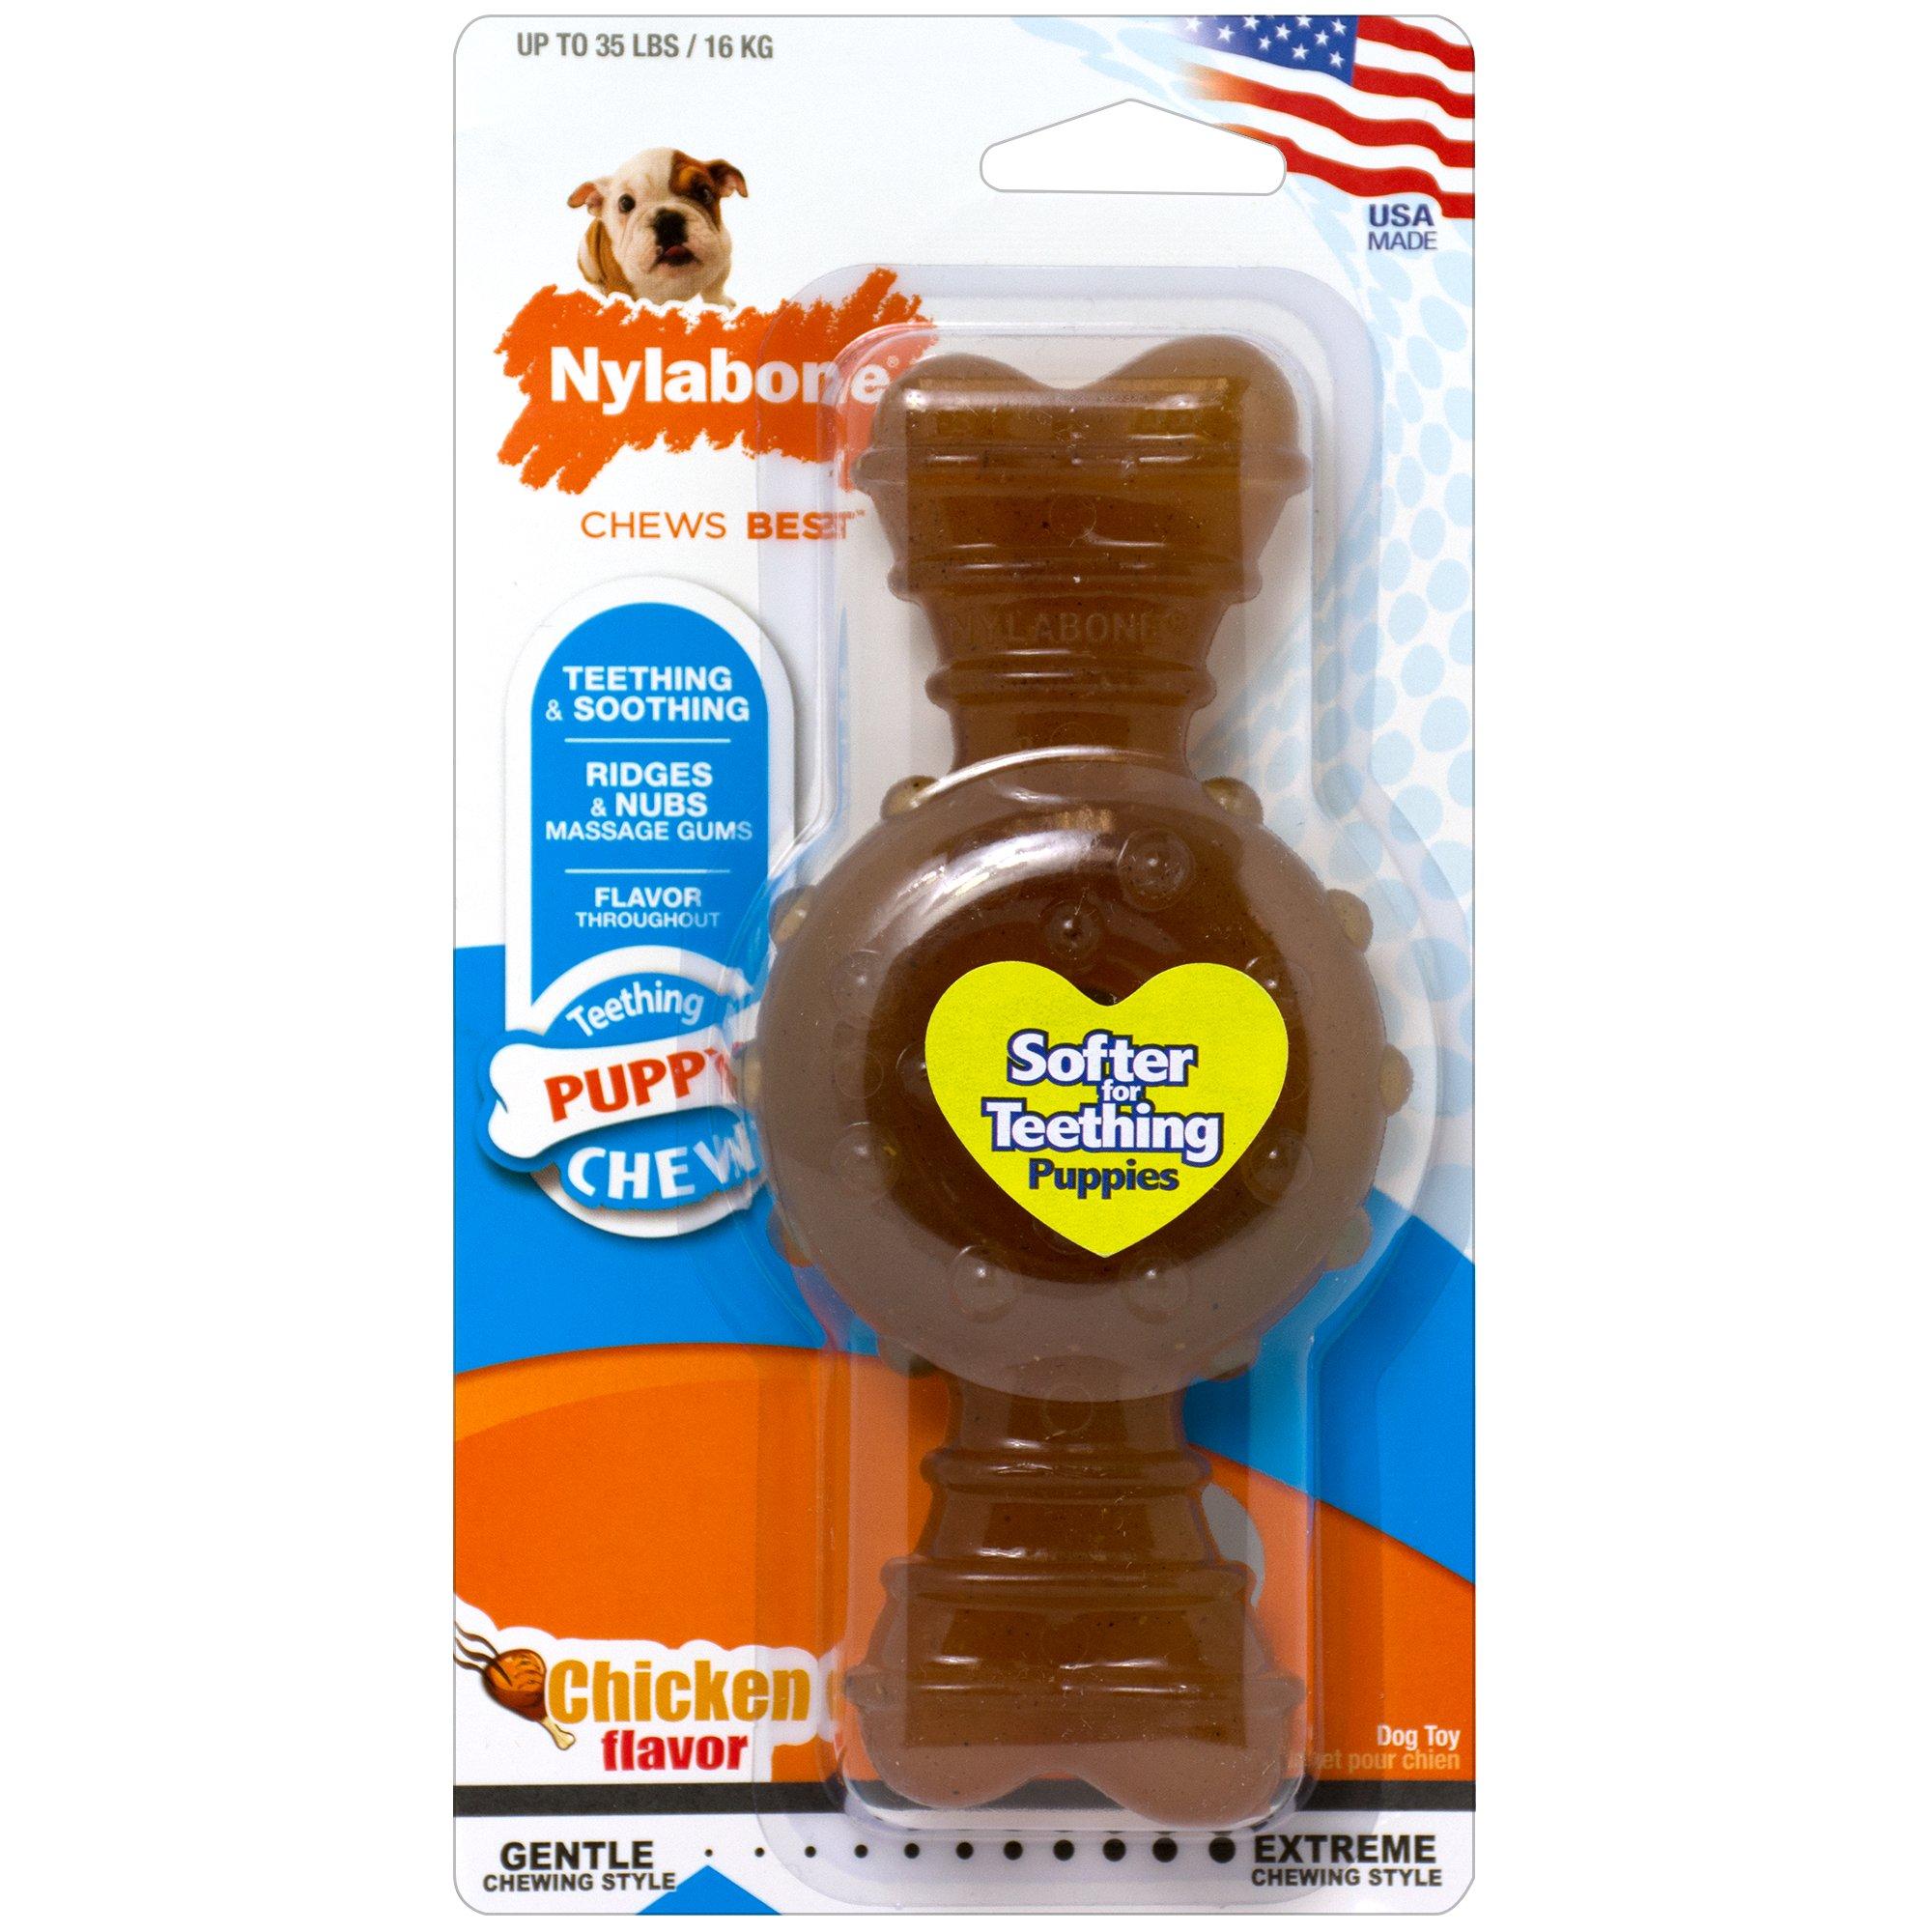 Nylabone Puppy Chew Chicken Flavored Dog Chew